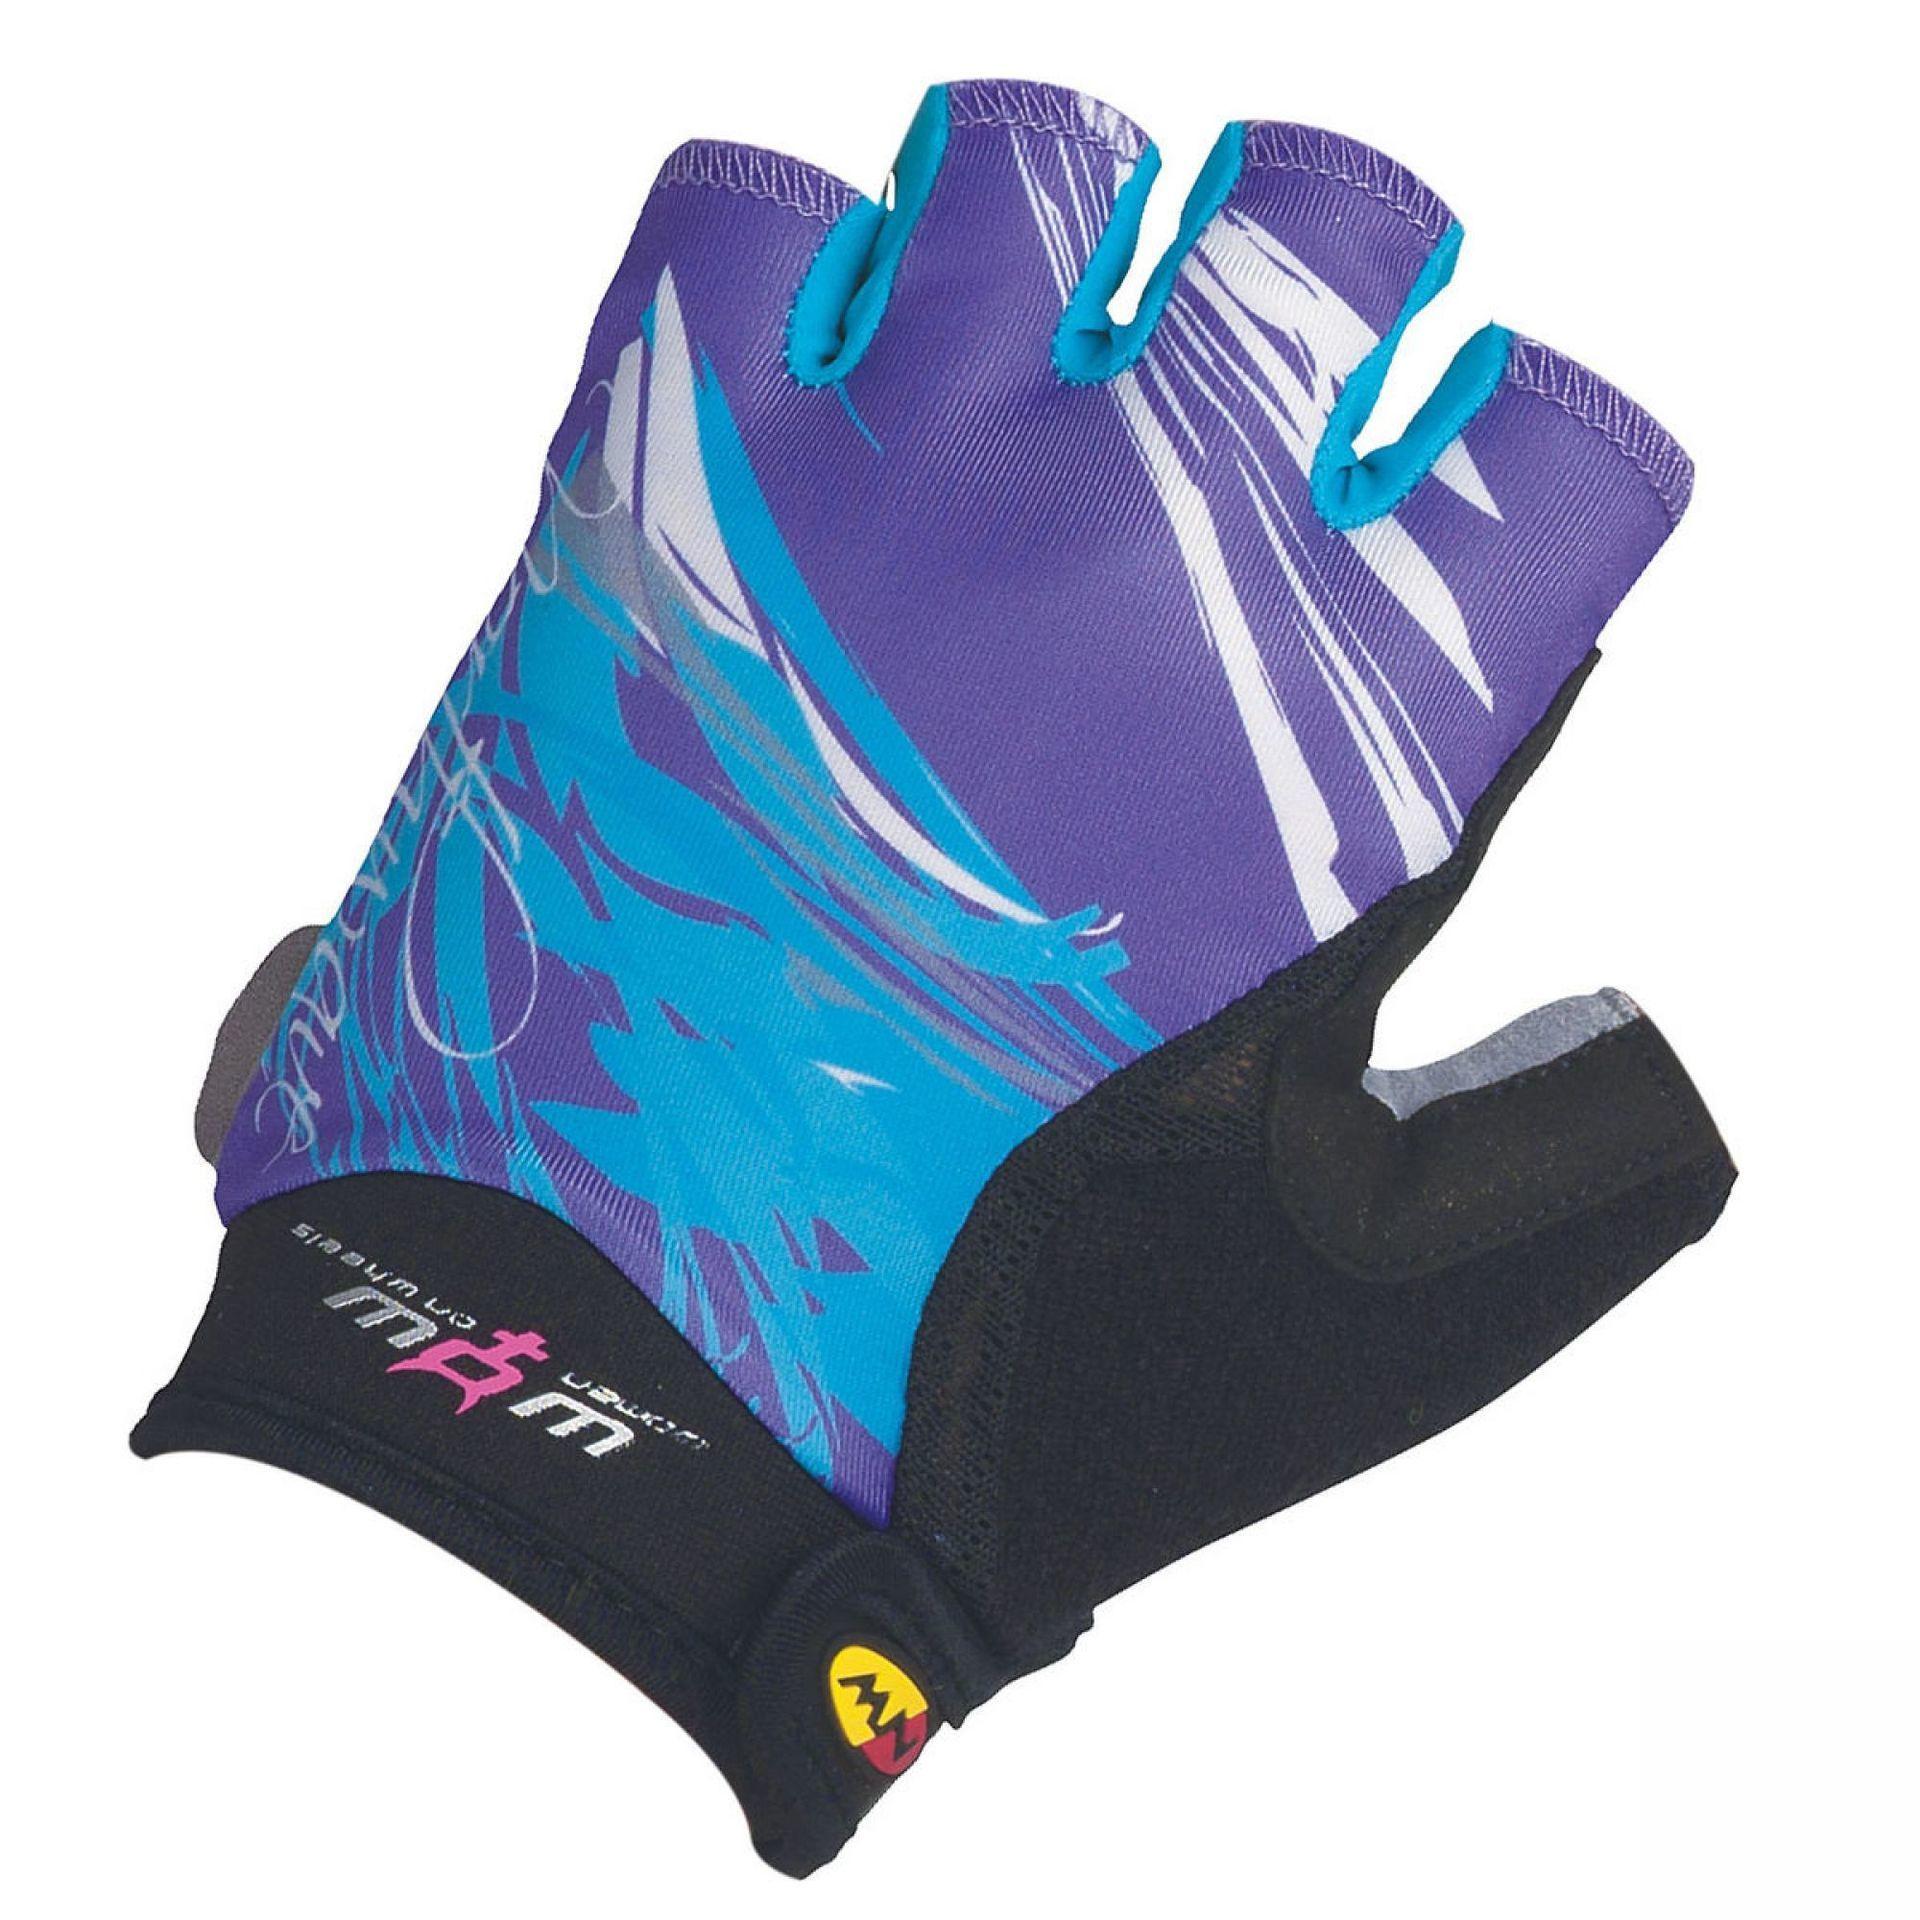 Rękawiczki rowerowe Northwave Crystal fioletowe